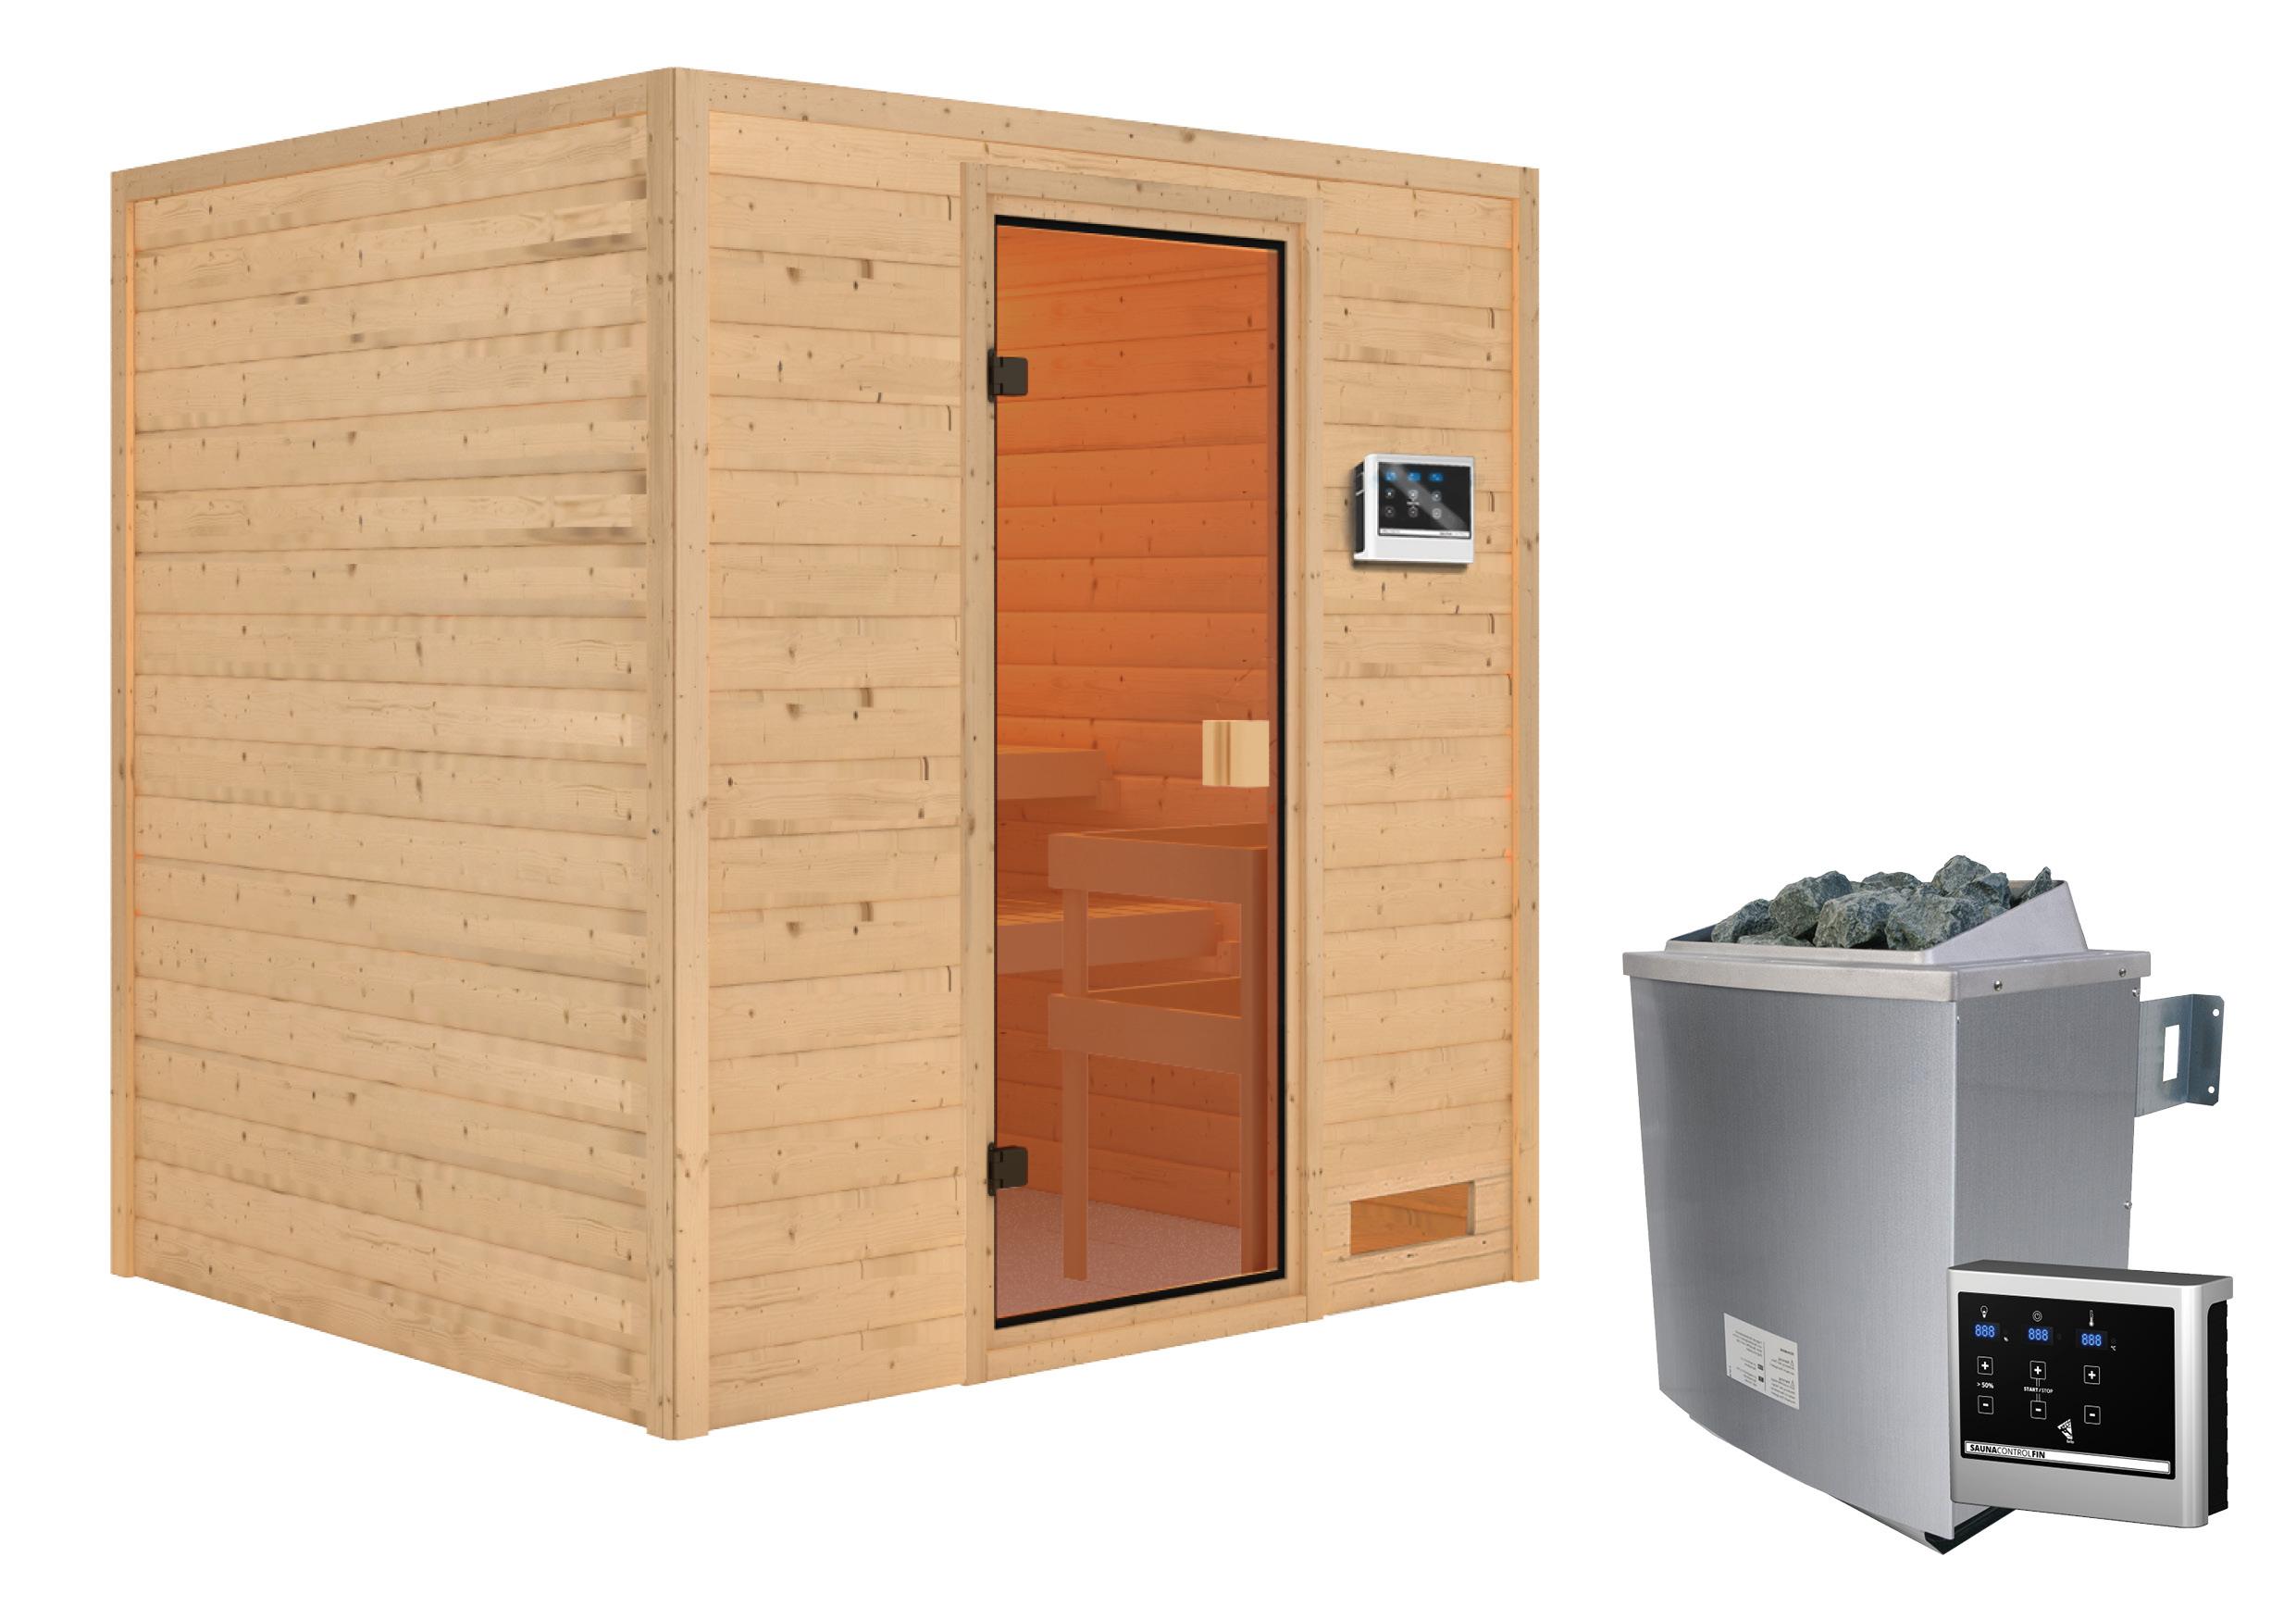 Woodfeeling Sauna Adelina 38mm Saunaofen 9kW extern Bild 5